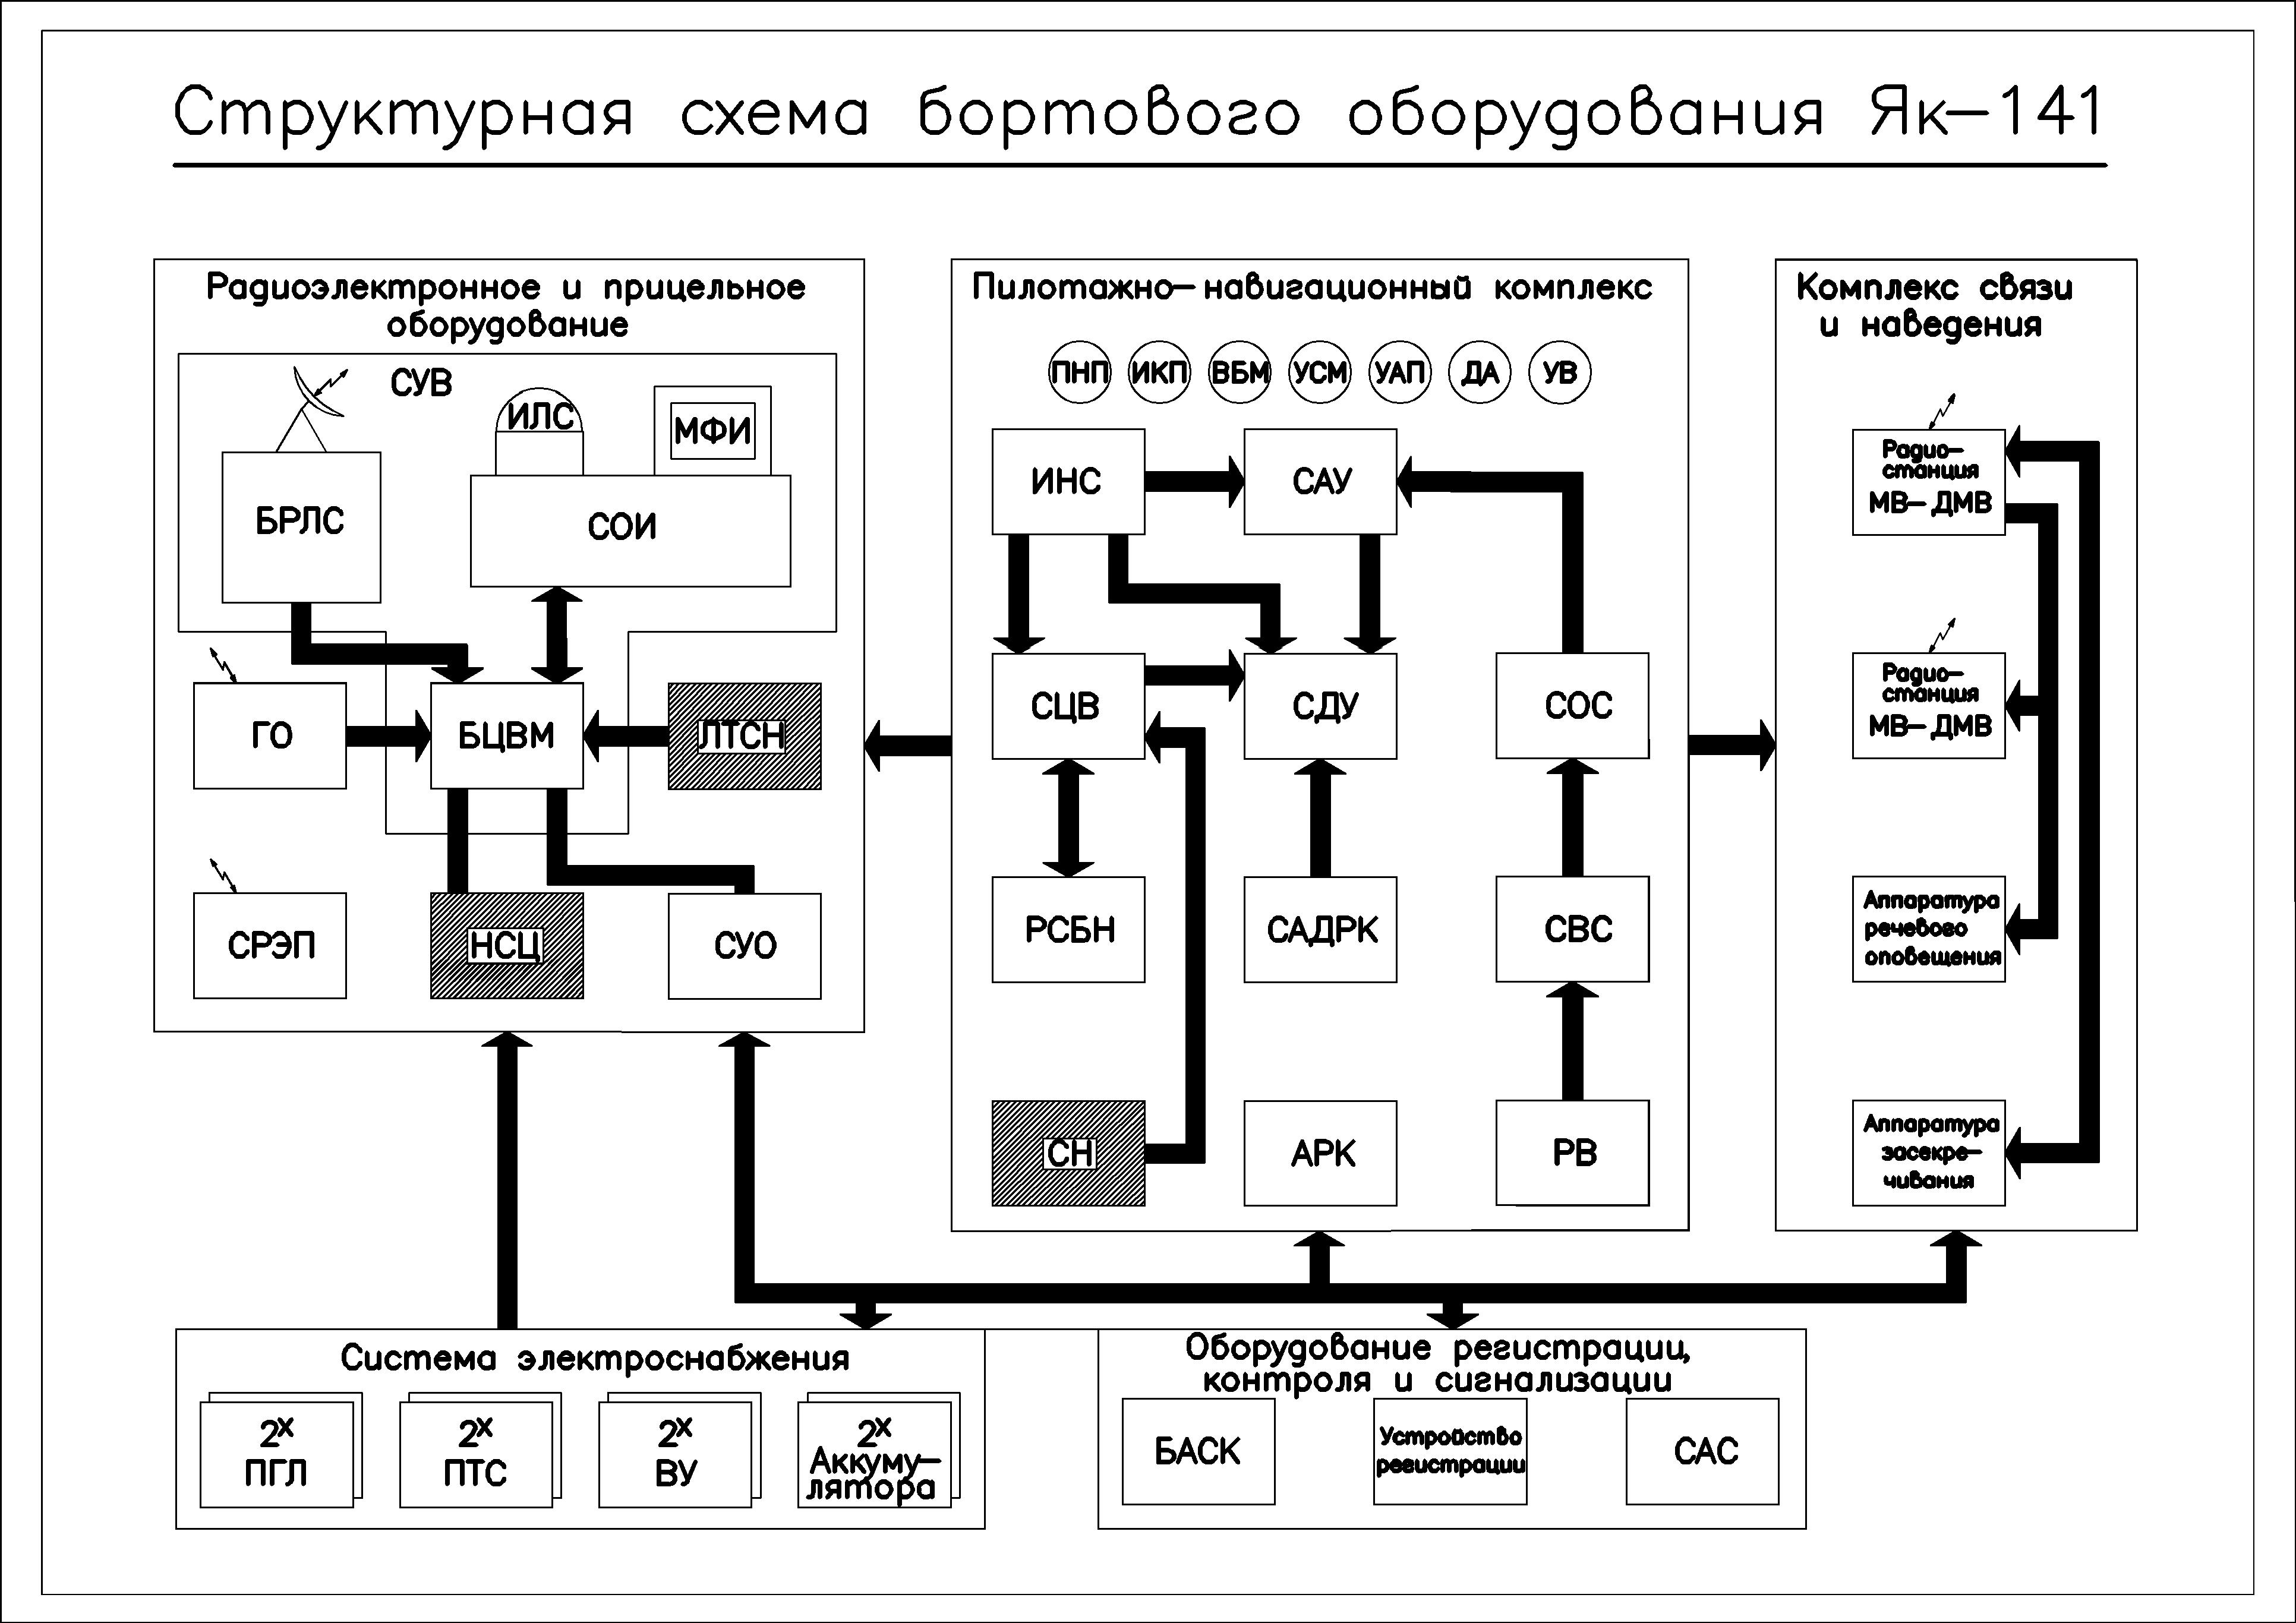 Структурная схема и устройства пк